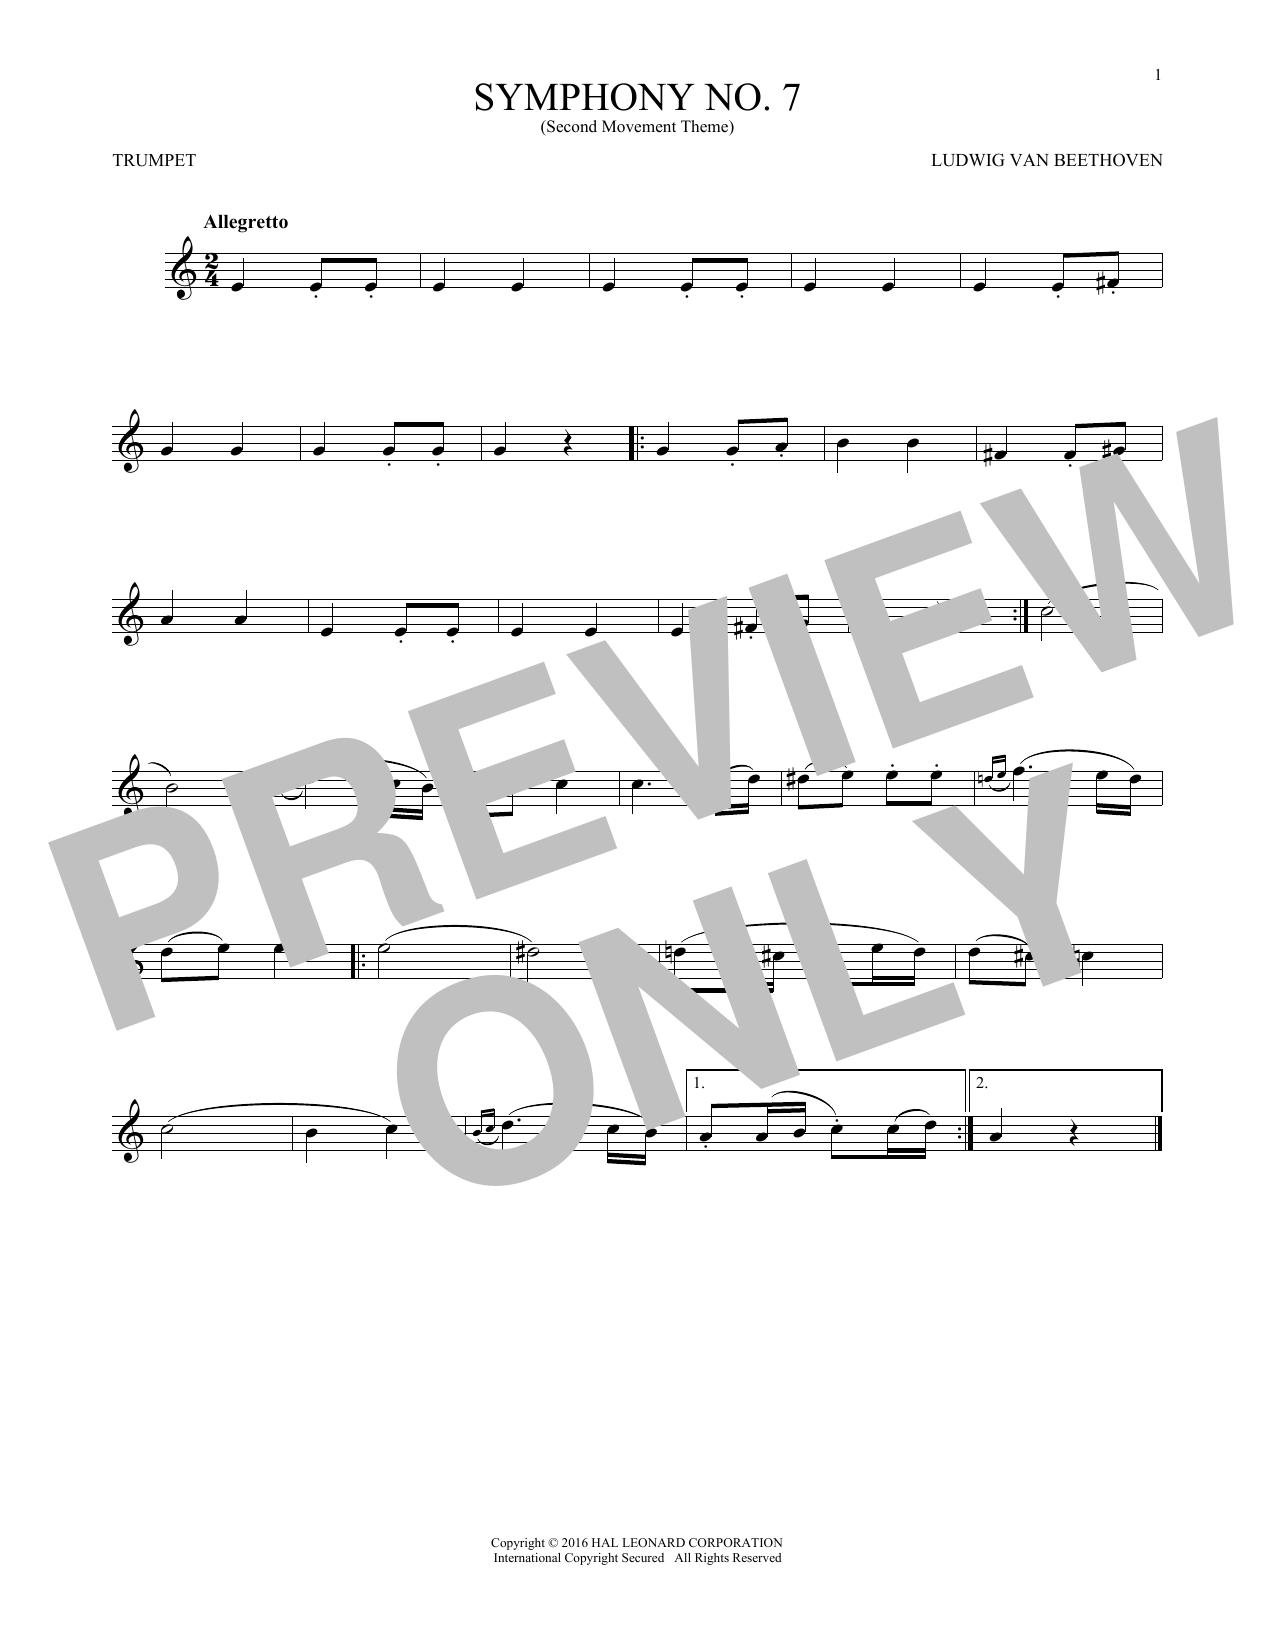 Symphony No. 7 In A Major, Second Movement (Allegretto) (Trumpet Solo)